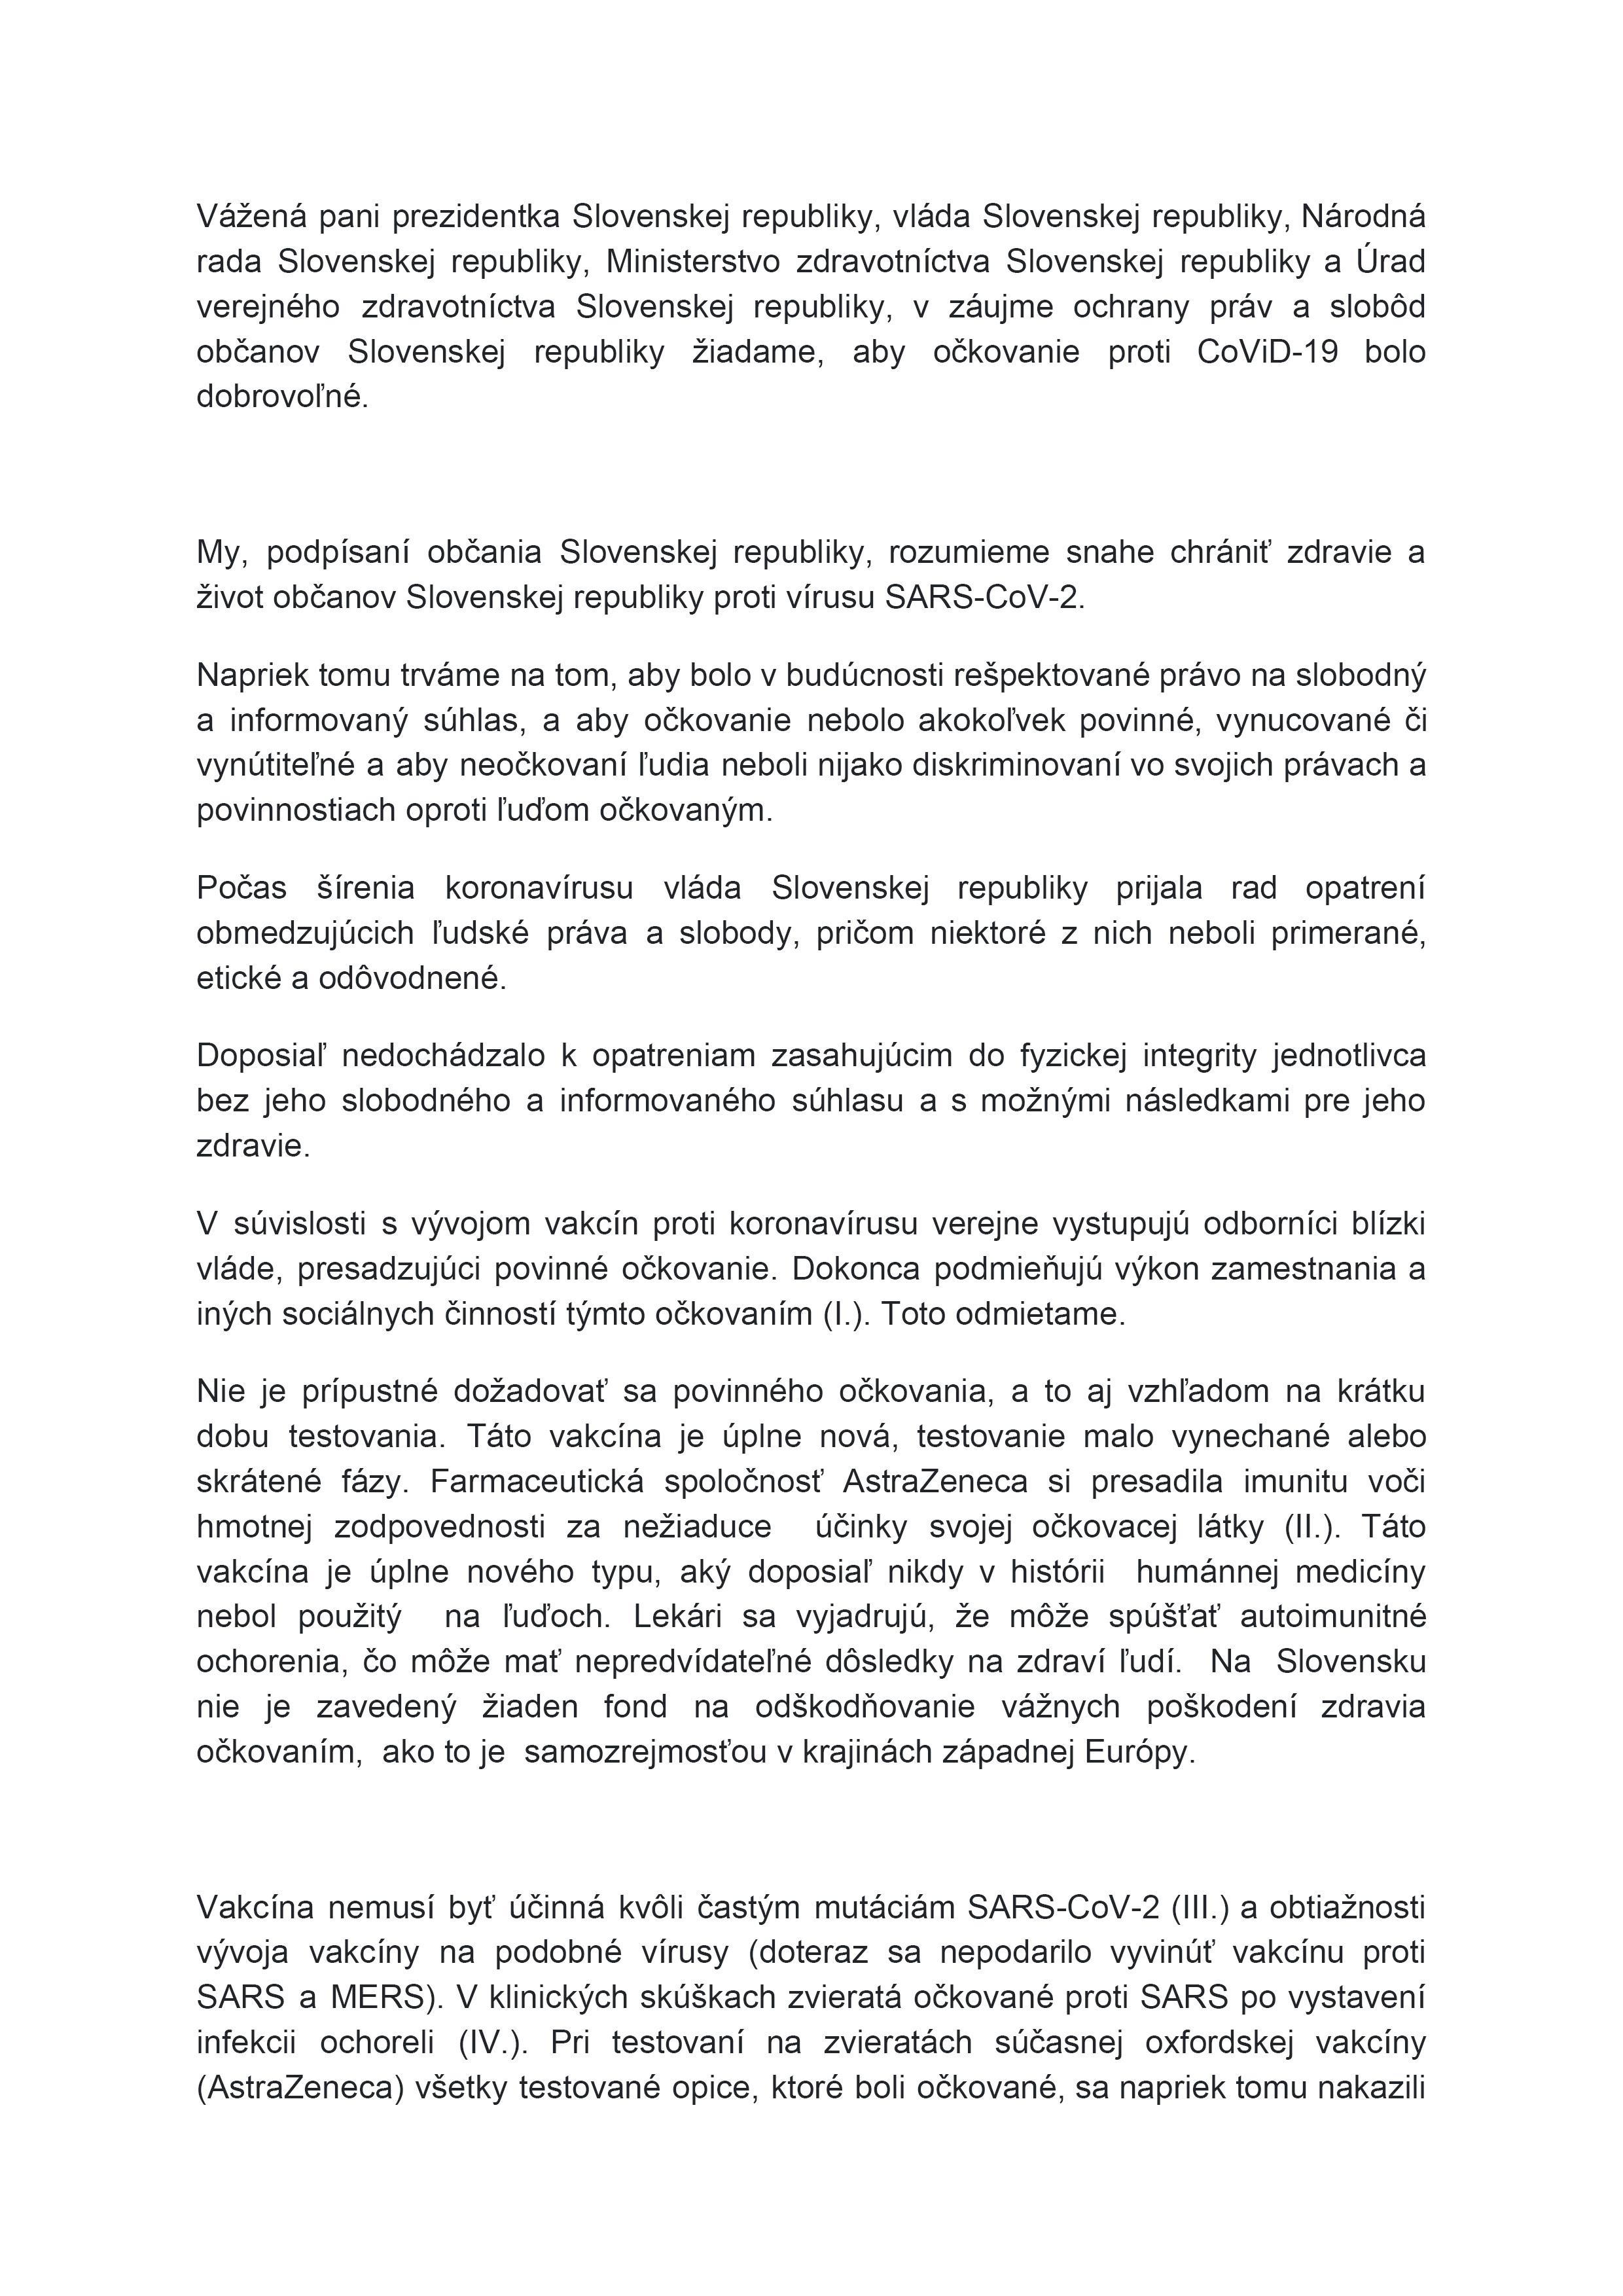 2_PETICNY_HAROK_Peticia_za_dobrovolnost_ockovania_proti_CoViD_19.jpg